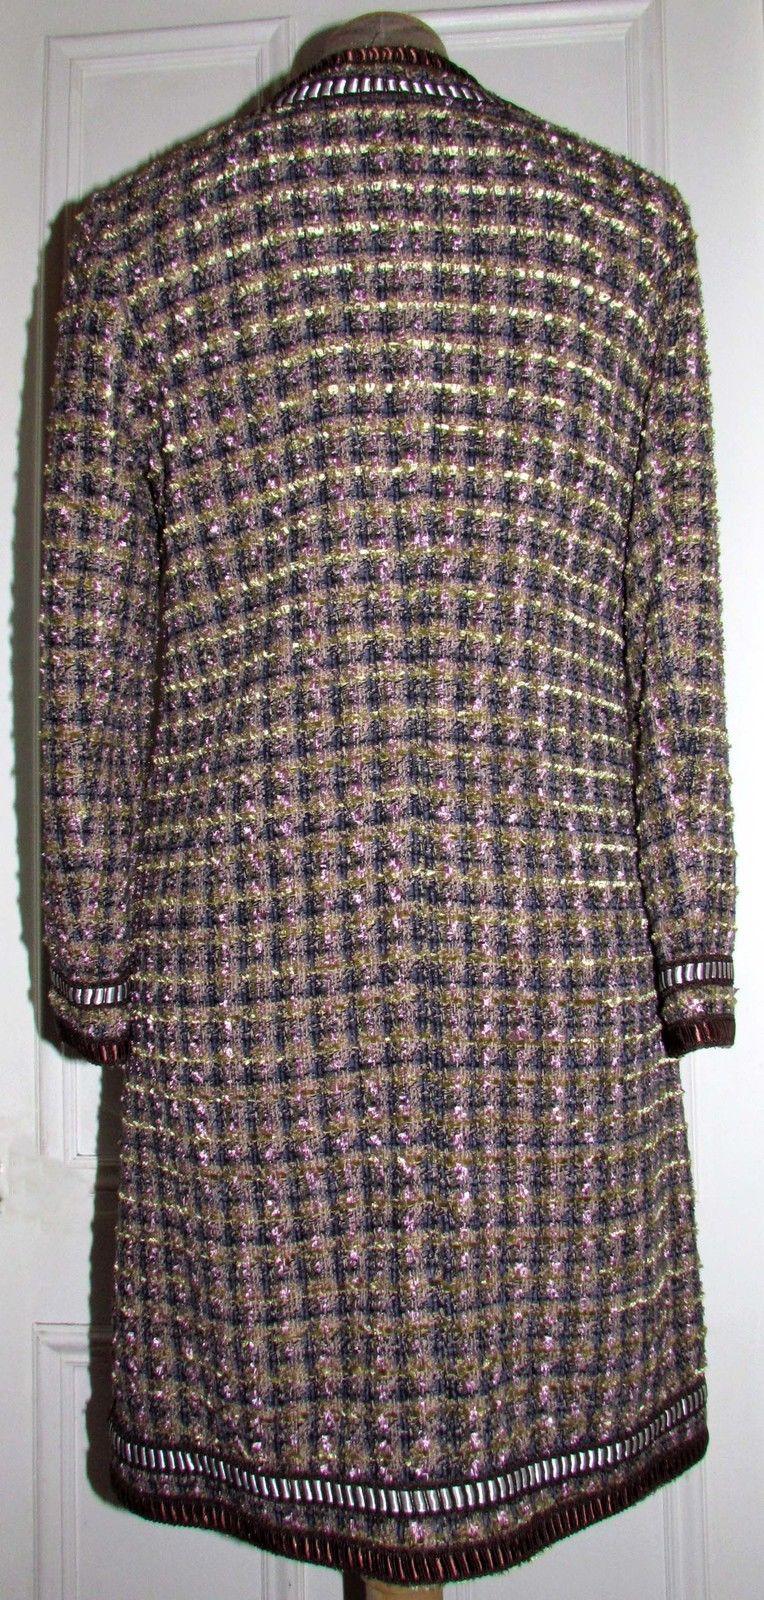 Gorgeous boucle tweed jacket